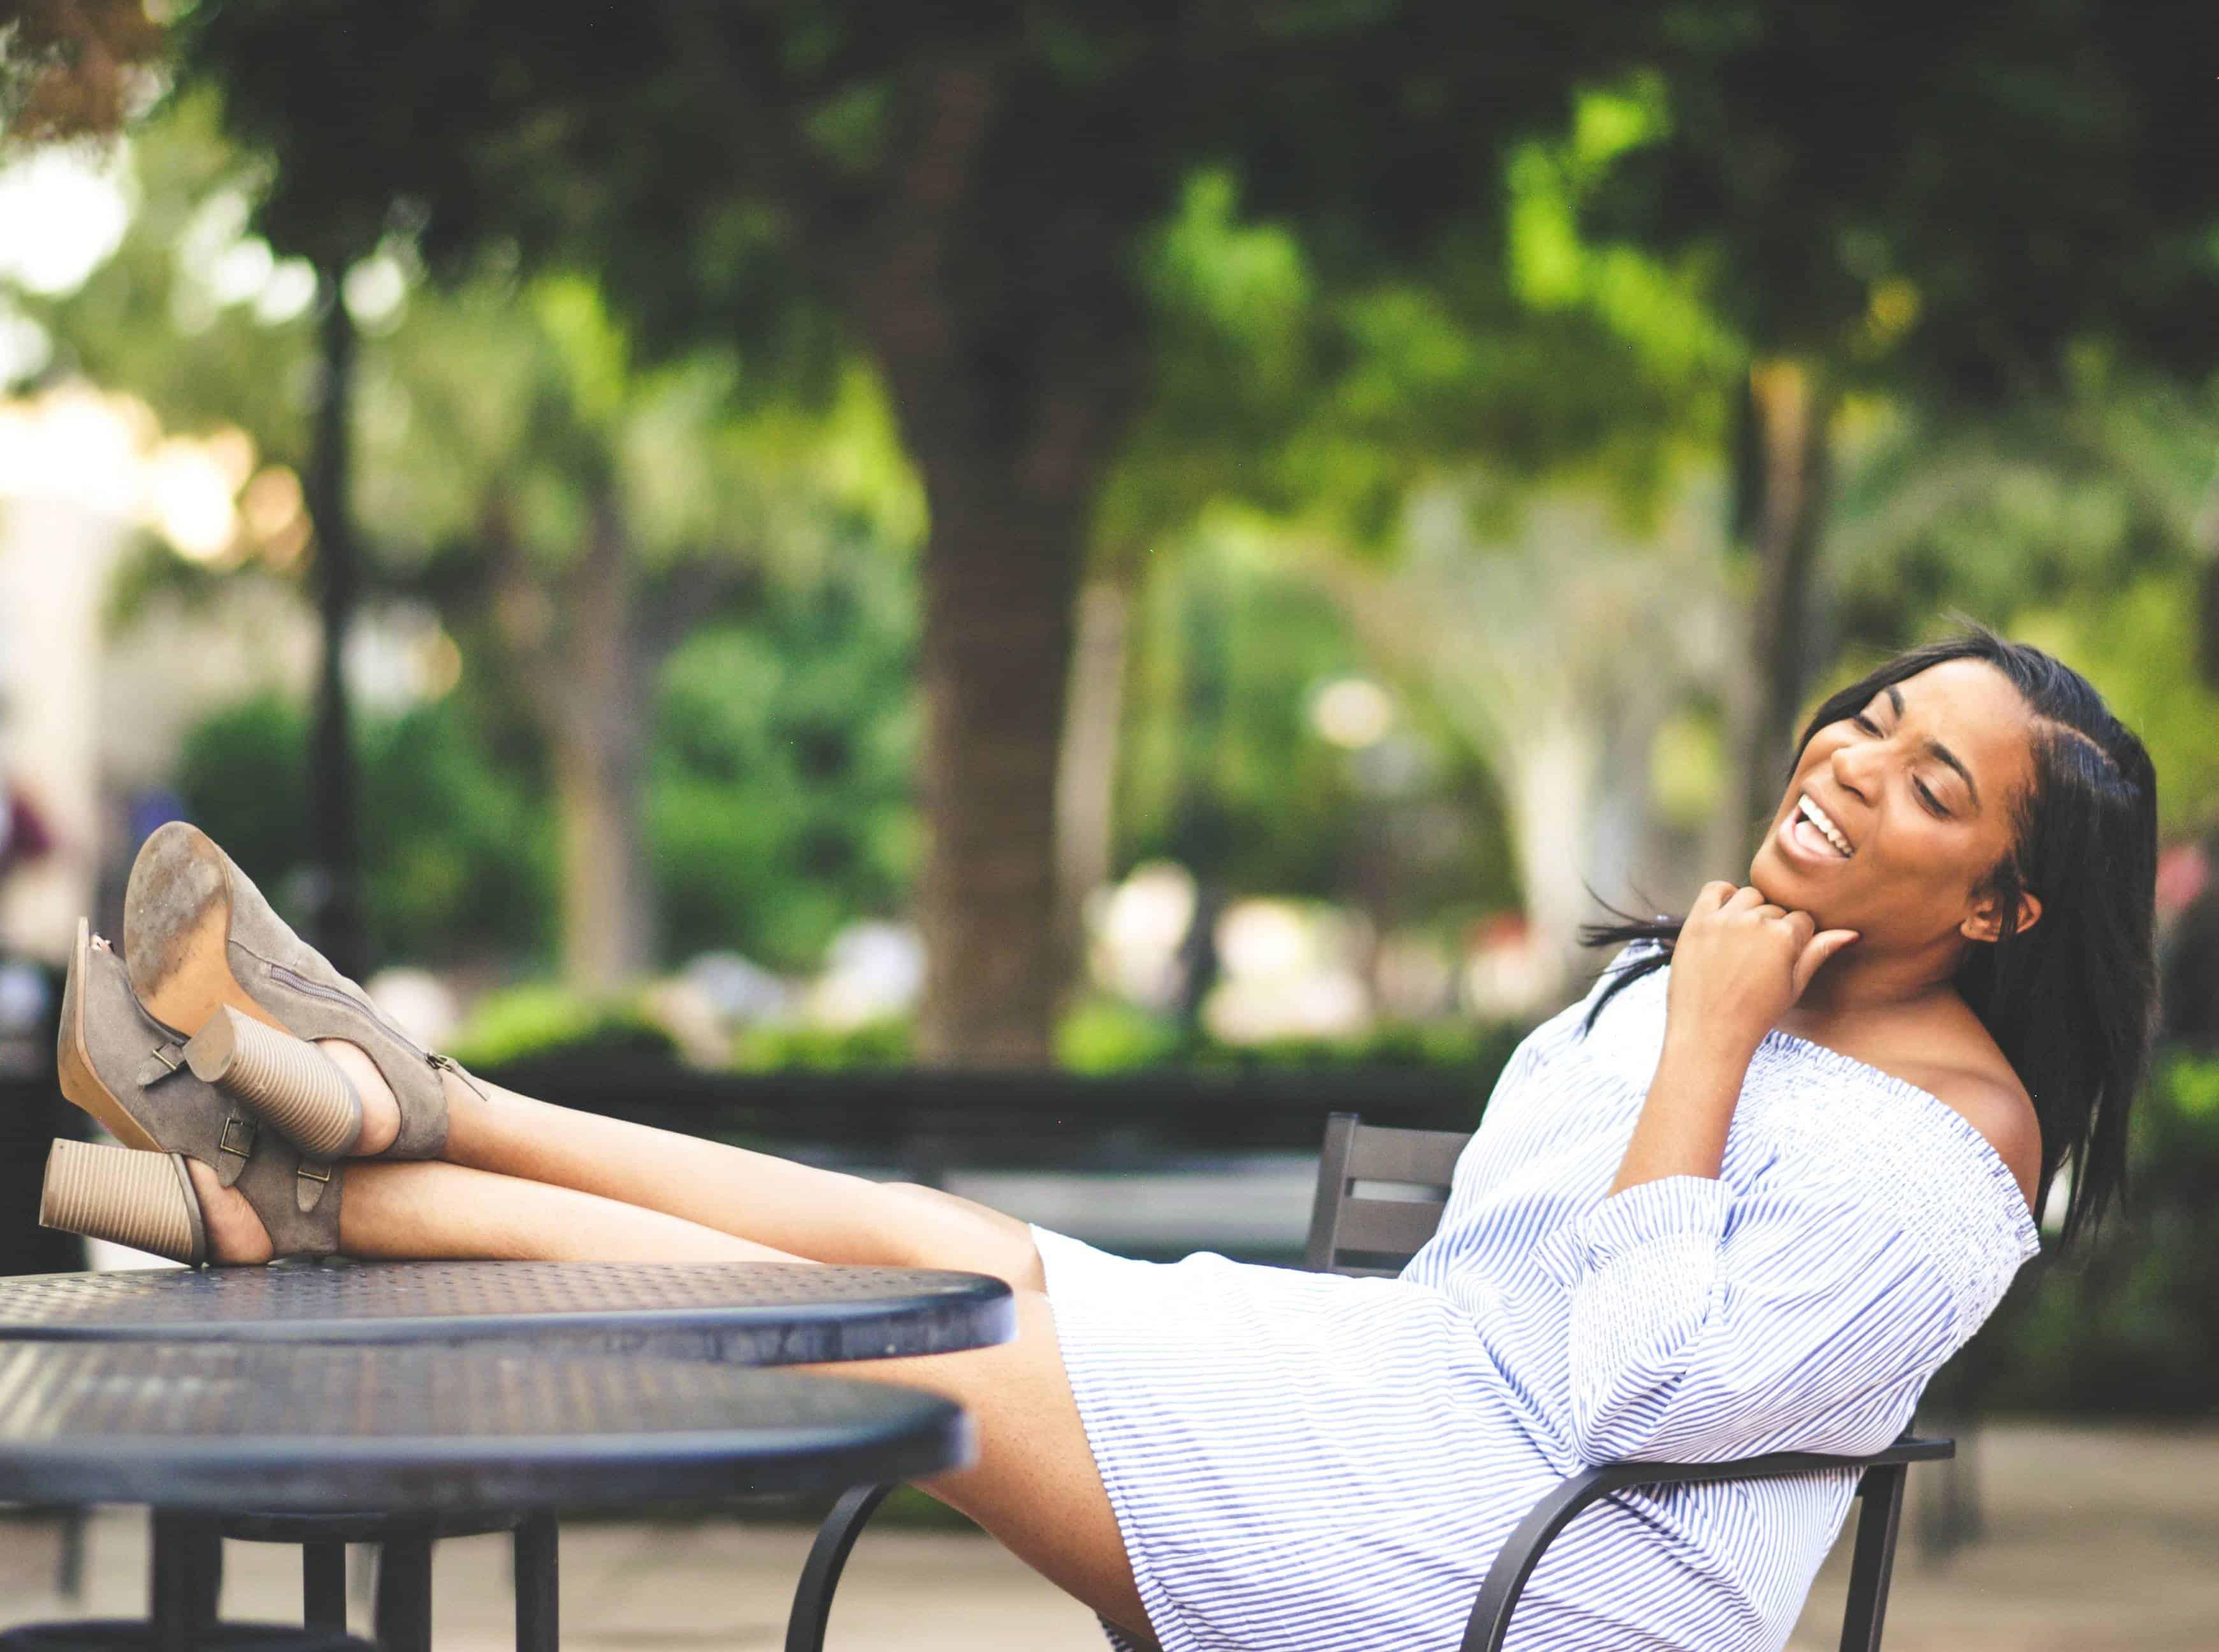 Happy woman in heels